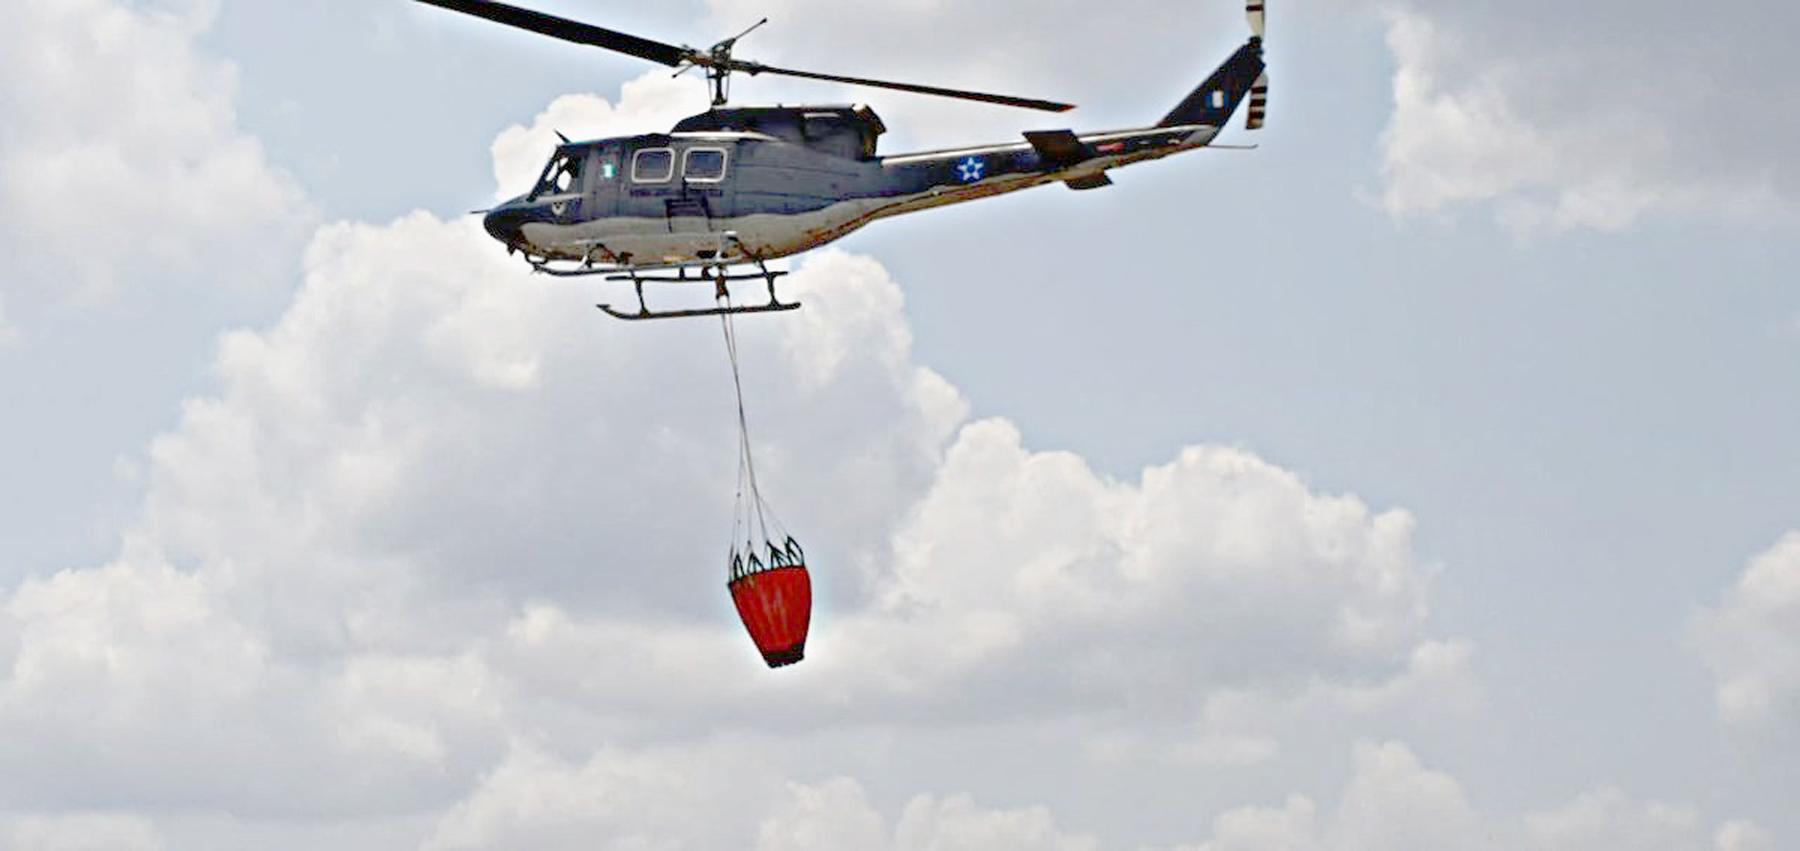 El Helicóptero Bell 212 cuenta con el sistema bambi bucket, con una capacidad de 400 galones de agua. (Foto Prensa Libre: Dony Stewart)